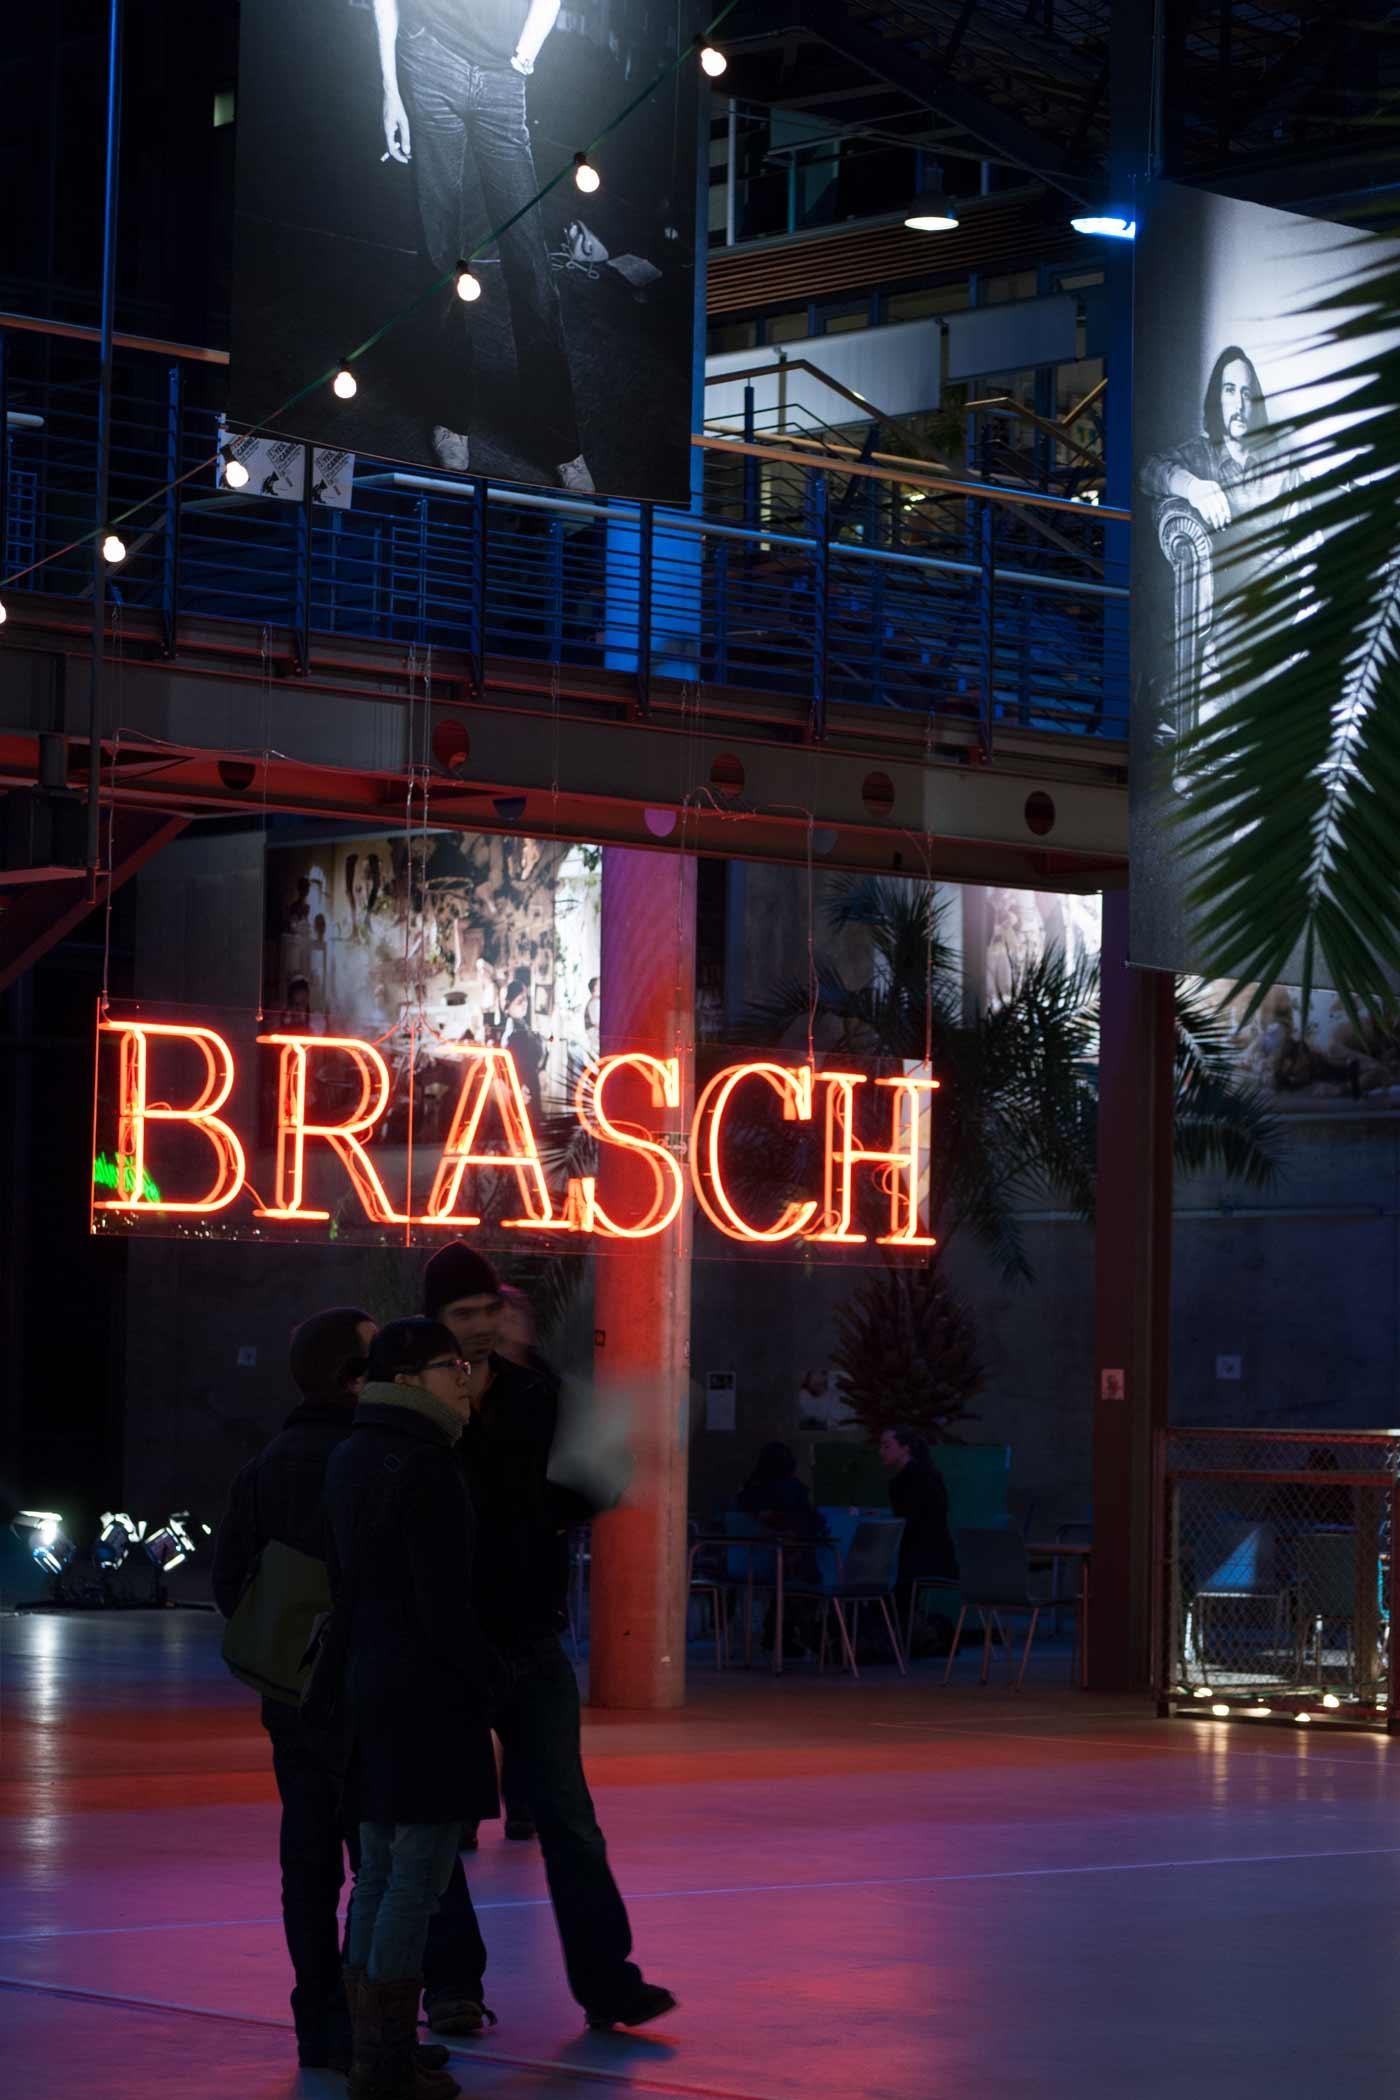 HFF Atrium with Brasch neon sign